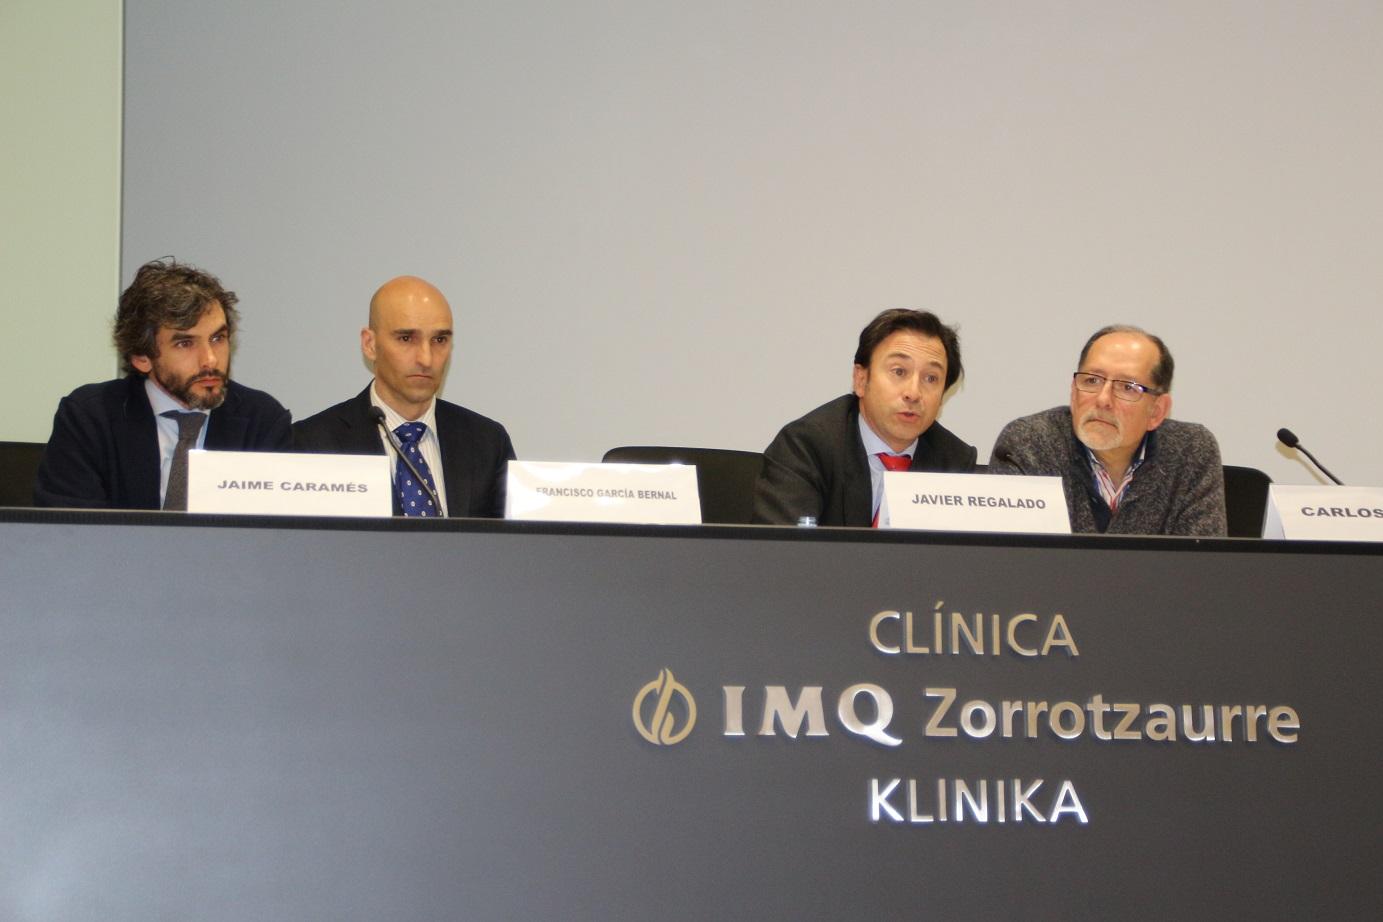 Jaime Caramés, Francisco García Bernal, Javier Regalado y Carlos Jul